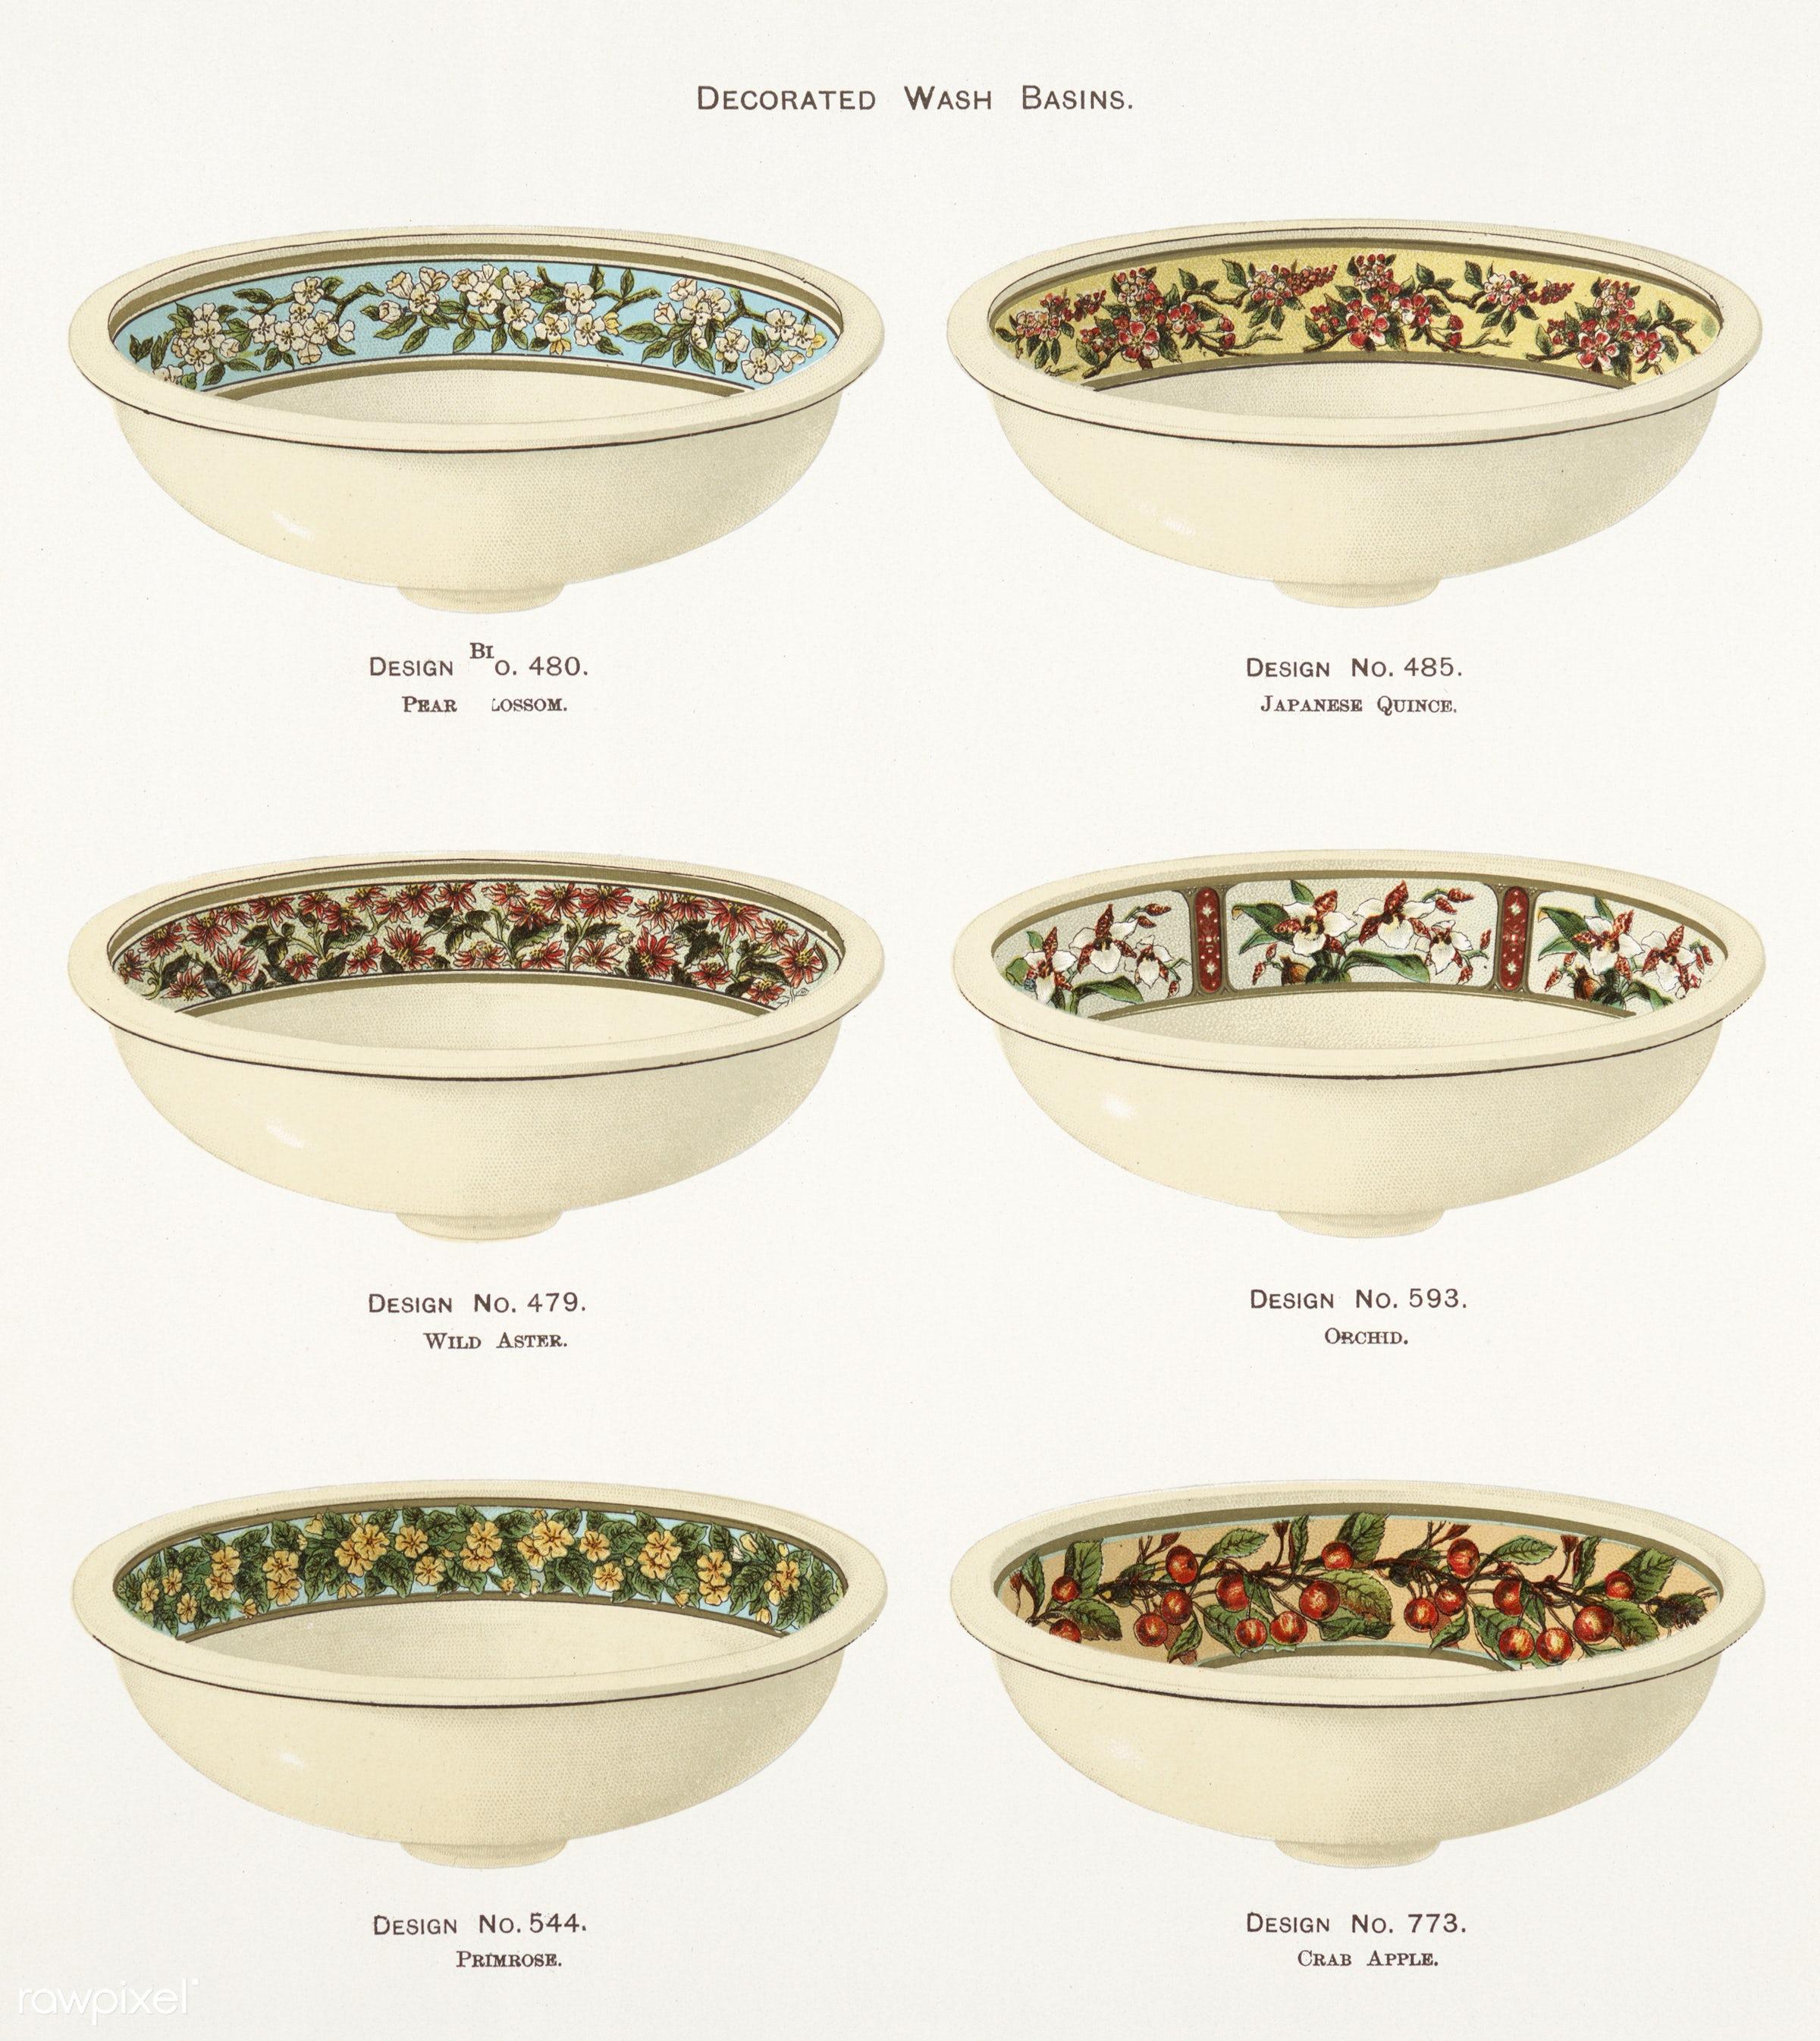 Vintage Illustration of decorated wash basins published in 1884 by J.L. Mott Iron Works. - antique, apple, artwork, basins,...